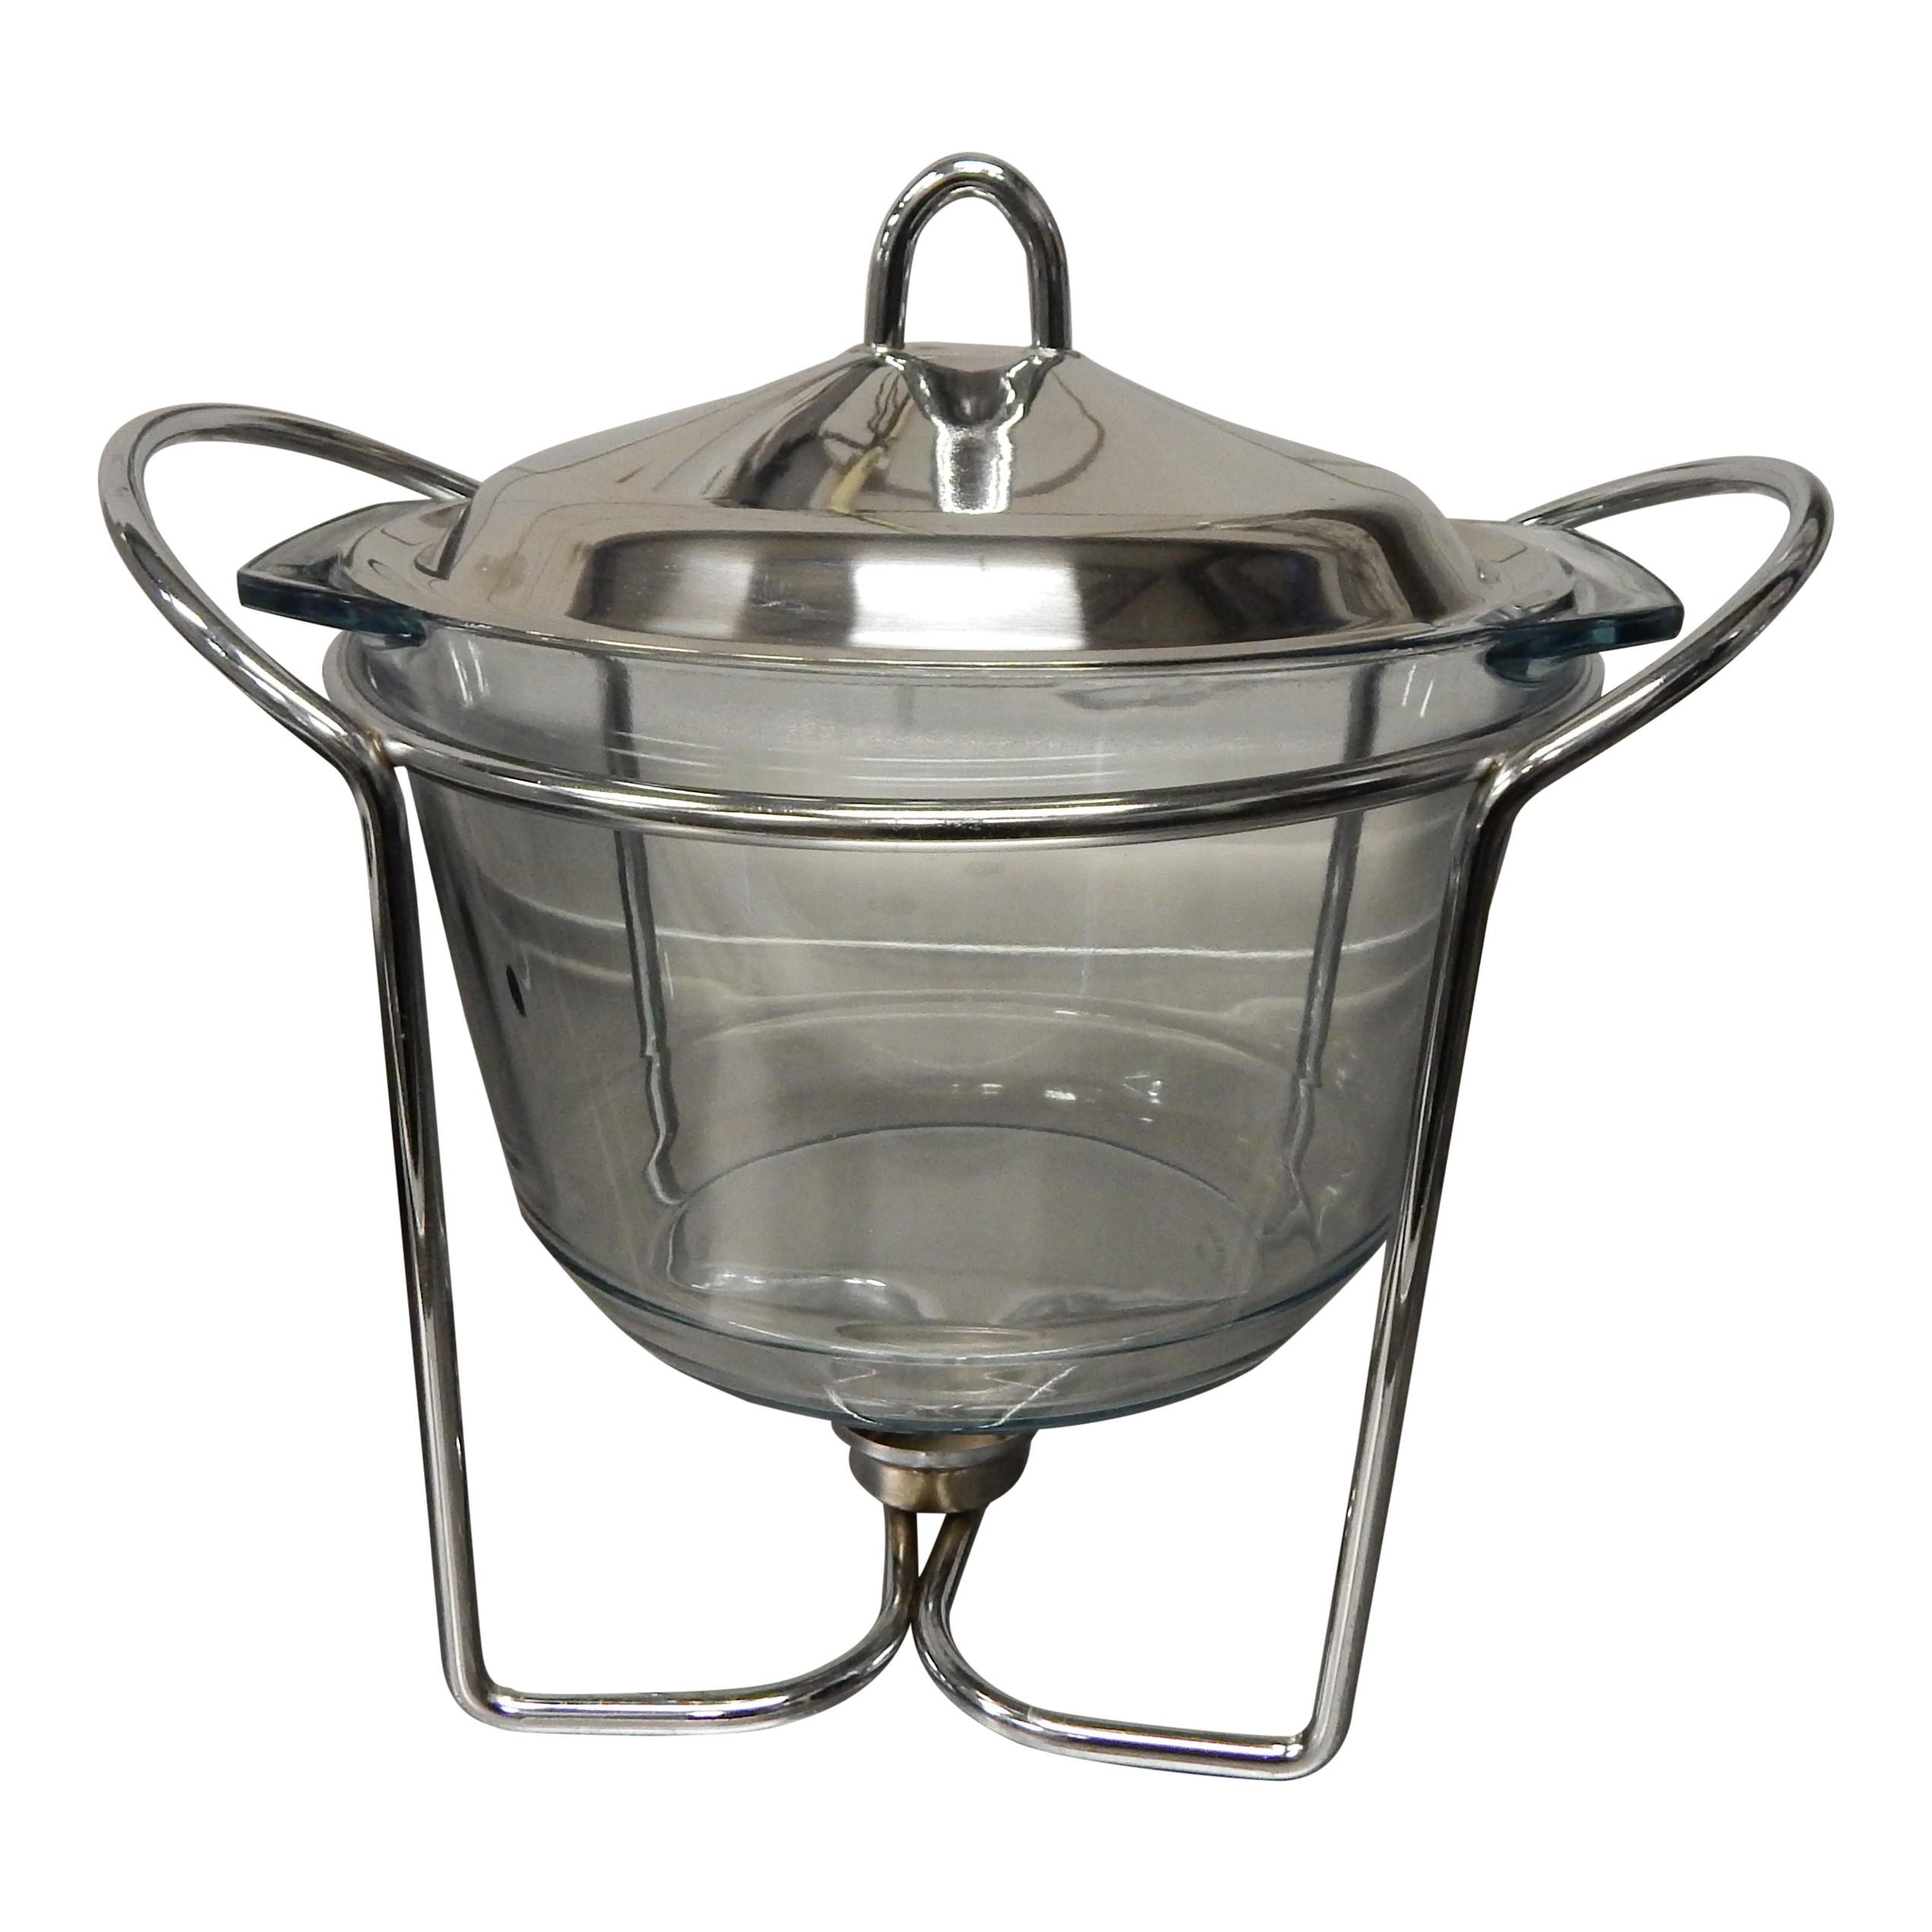 Soepterrine glas 4 liter